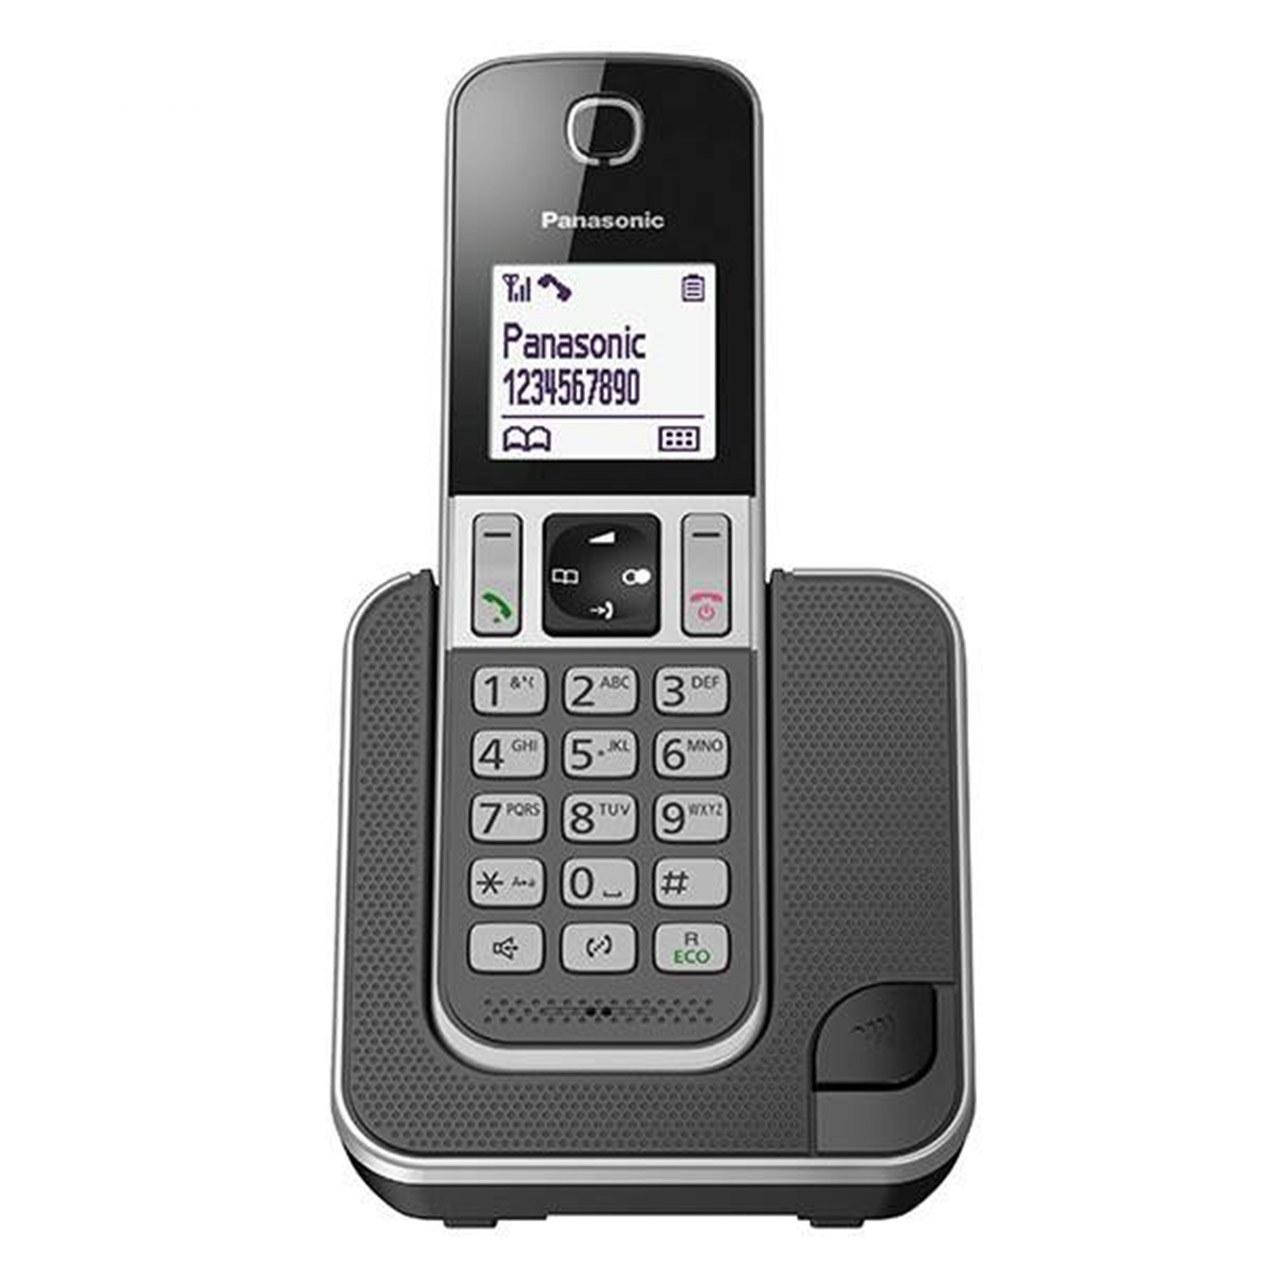 تصویر گوشی تلفن بیسیم پاناسونیک KX-TGD310 ا Panasonic KX - TGD310 Wireless Phone Panasonic KX - TGD310 Wireless Phone